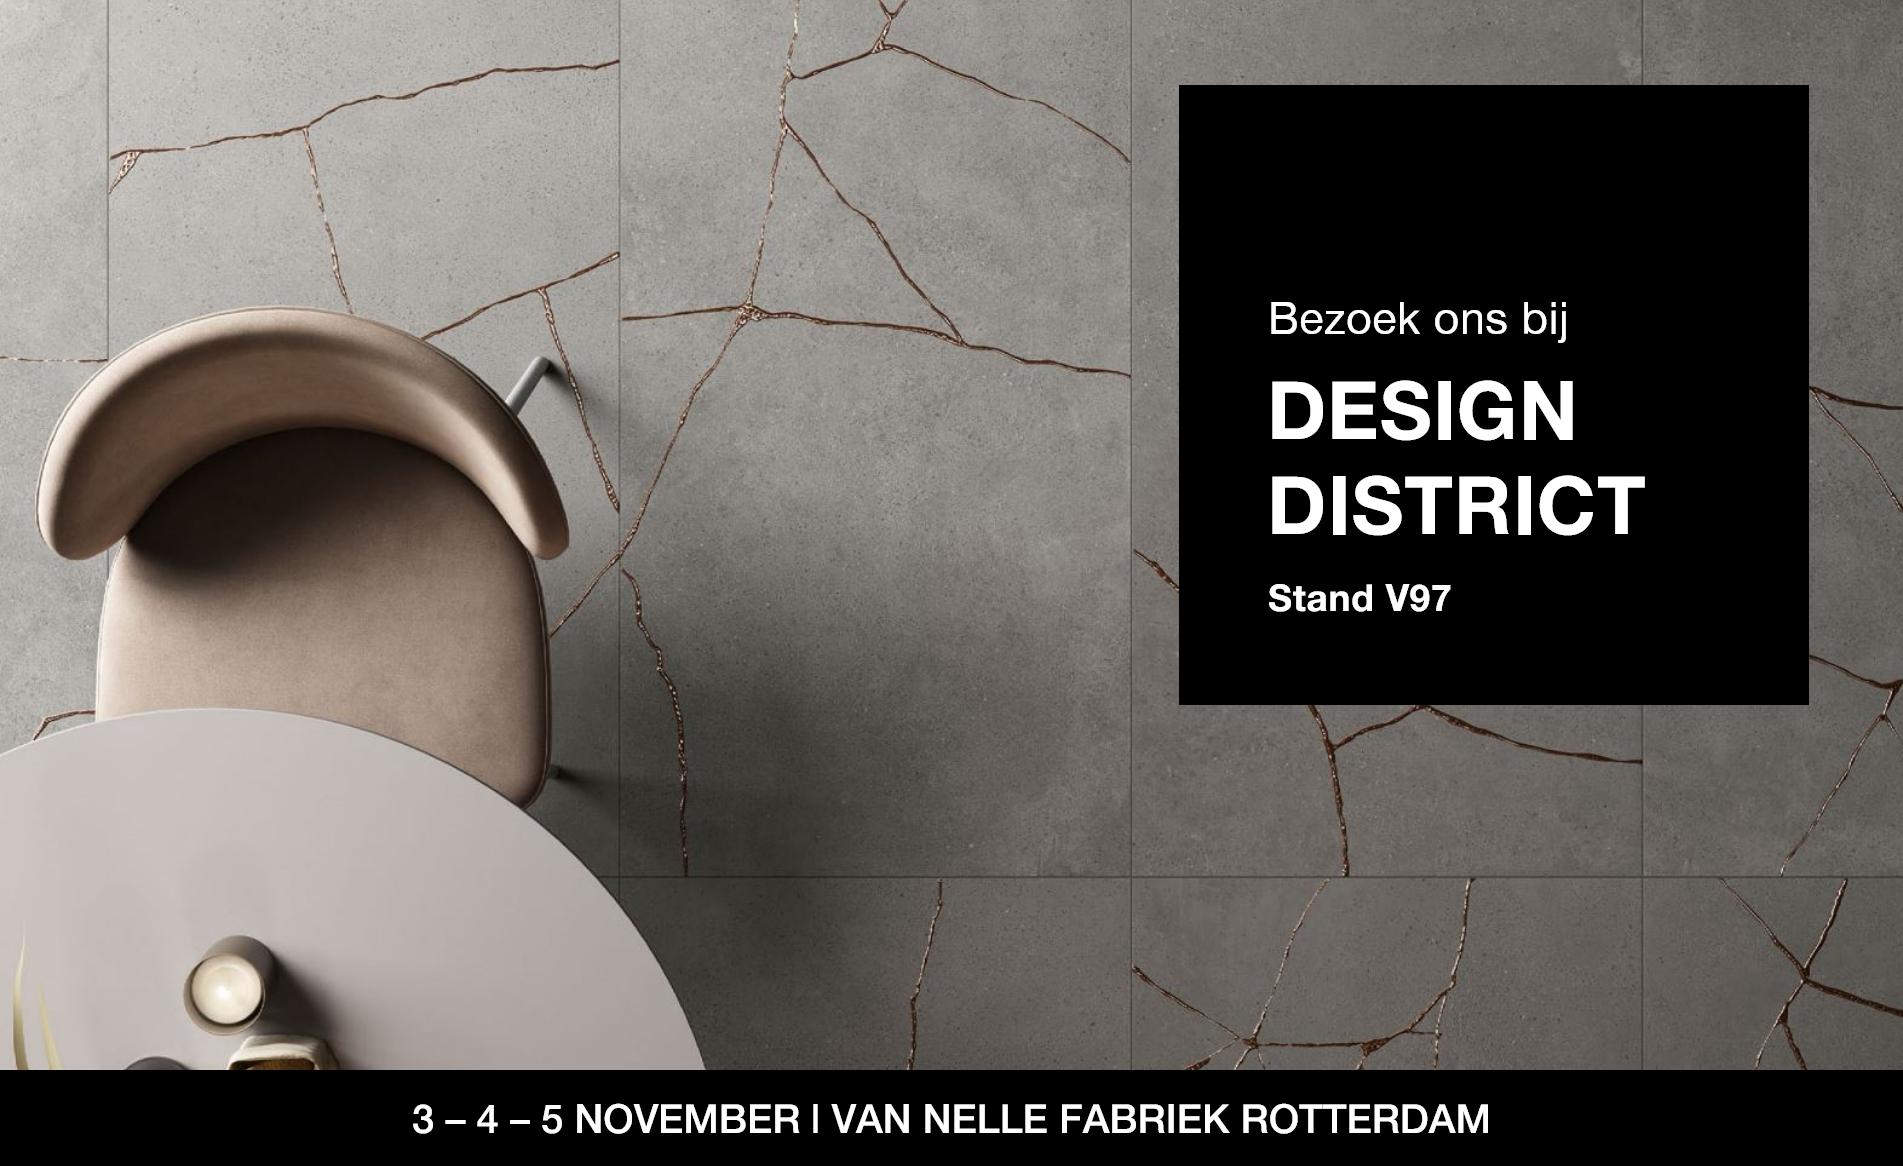 Bezoek ons bij Design District 2021